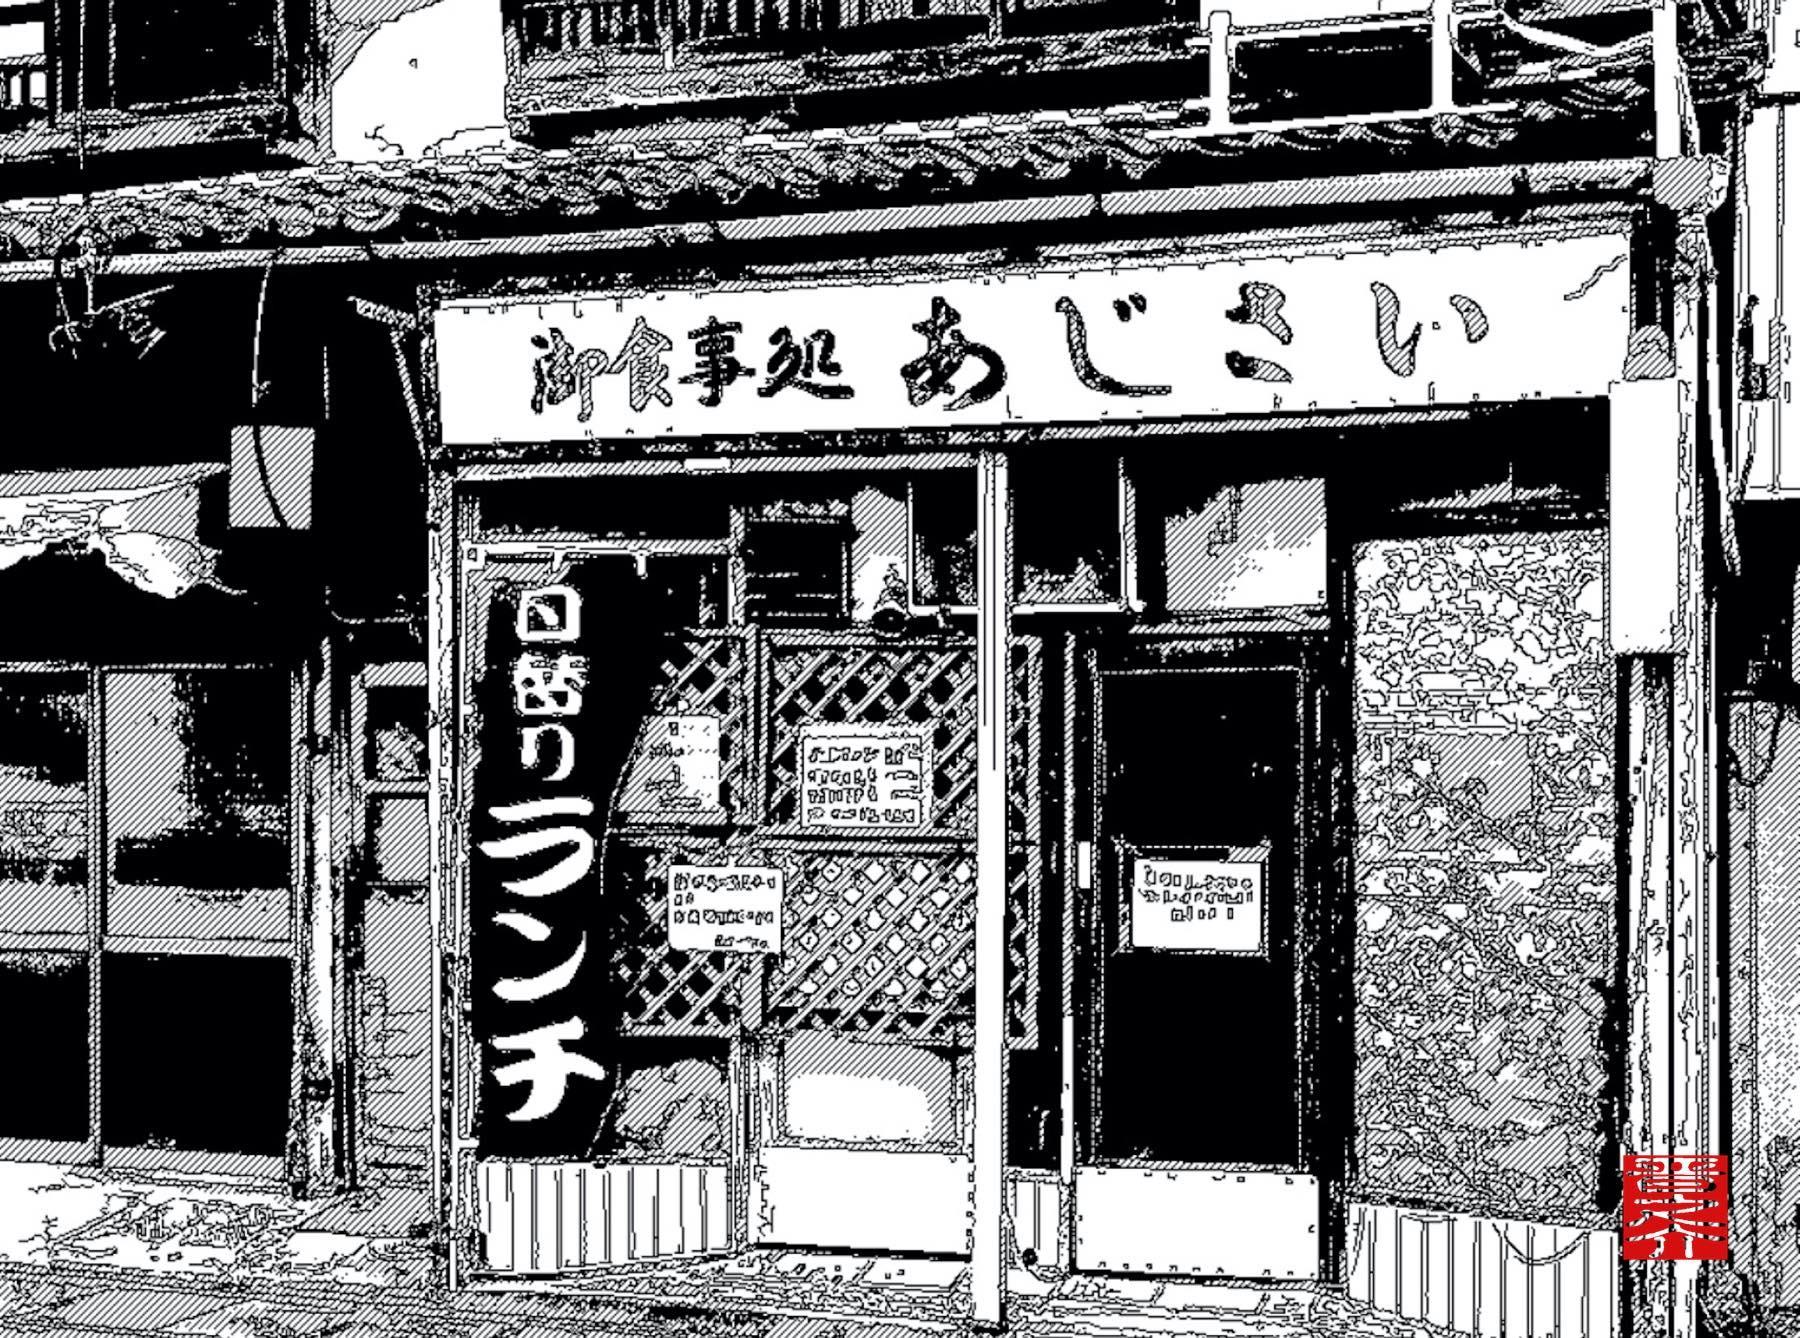 鳴海宿沿いの古(いにしえ)食堂|元気なお母さんの次々繰り出される家庭料理にまったりほっこり|御食事処あじさい